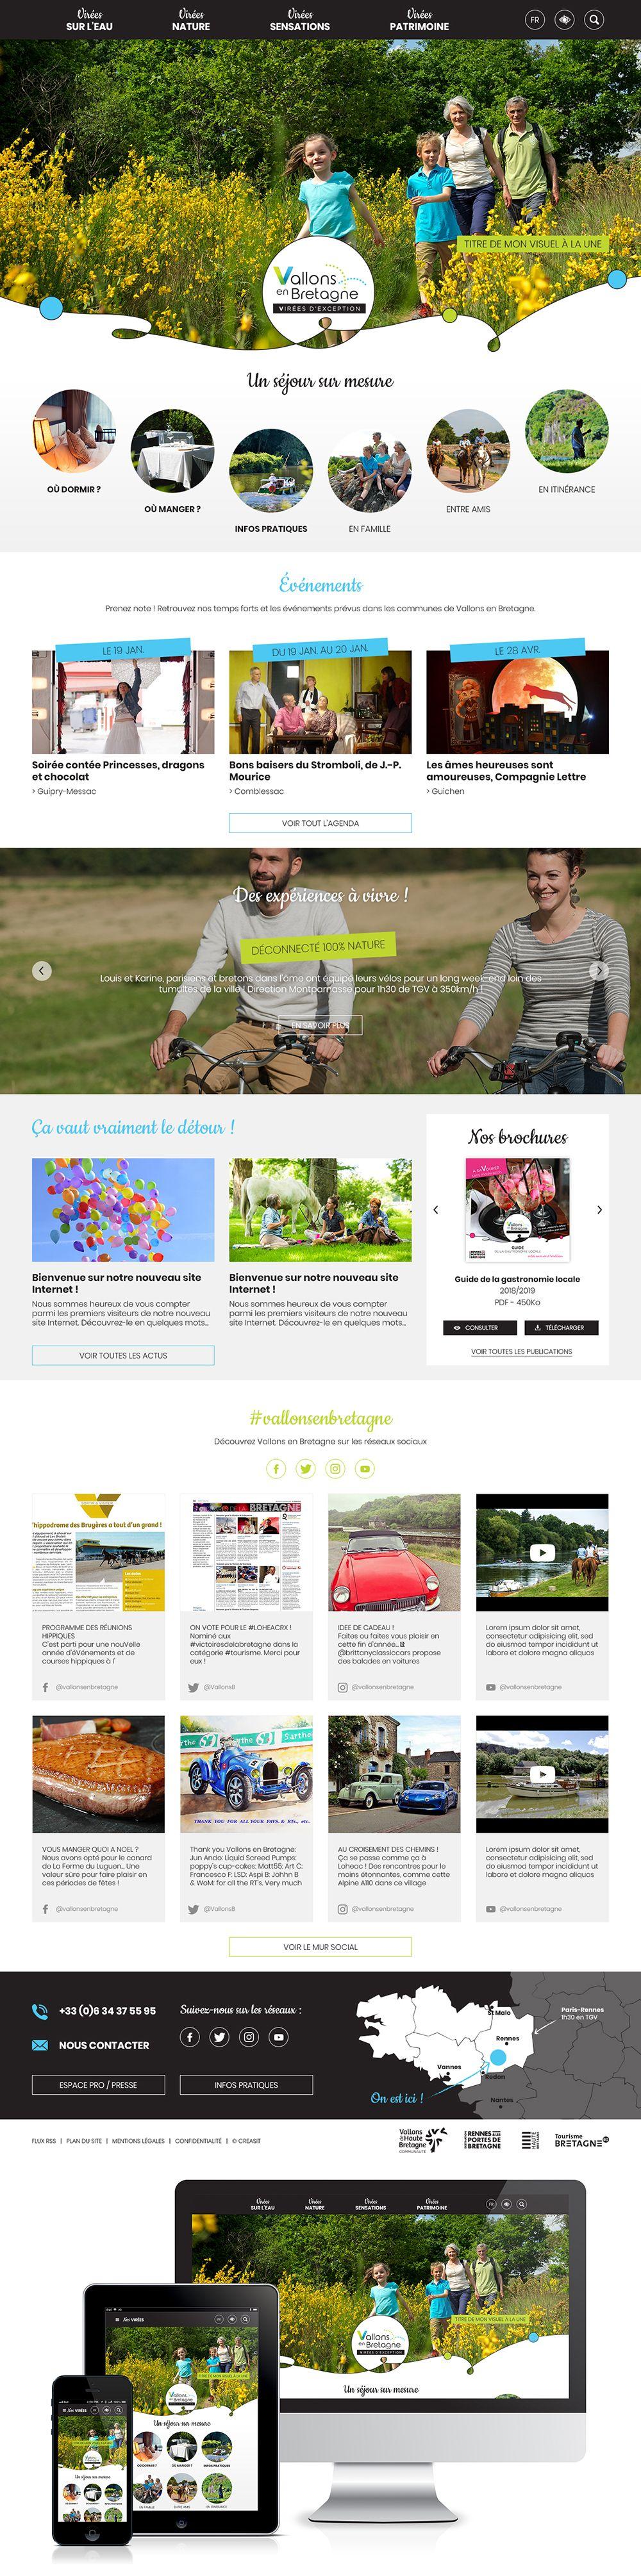 webdesigner site de rencontre globe rencontres